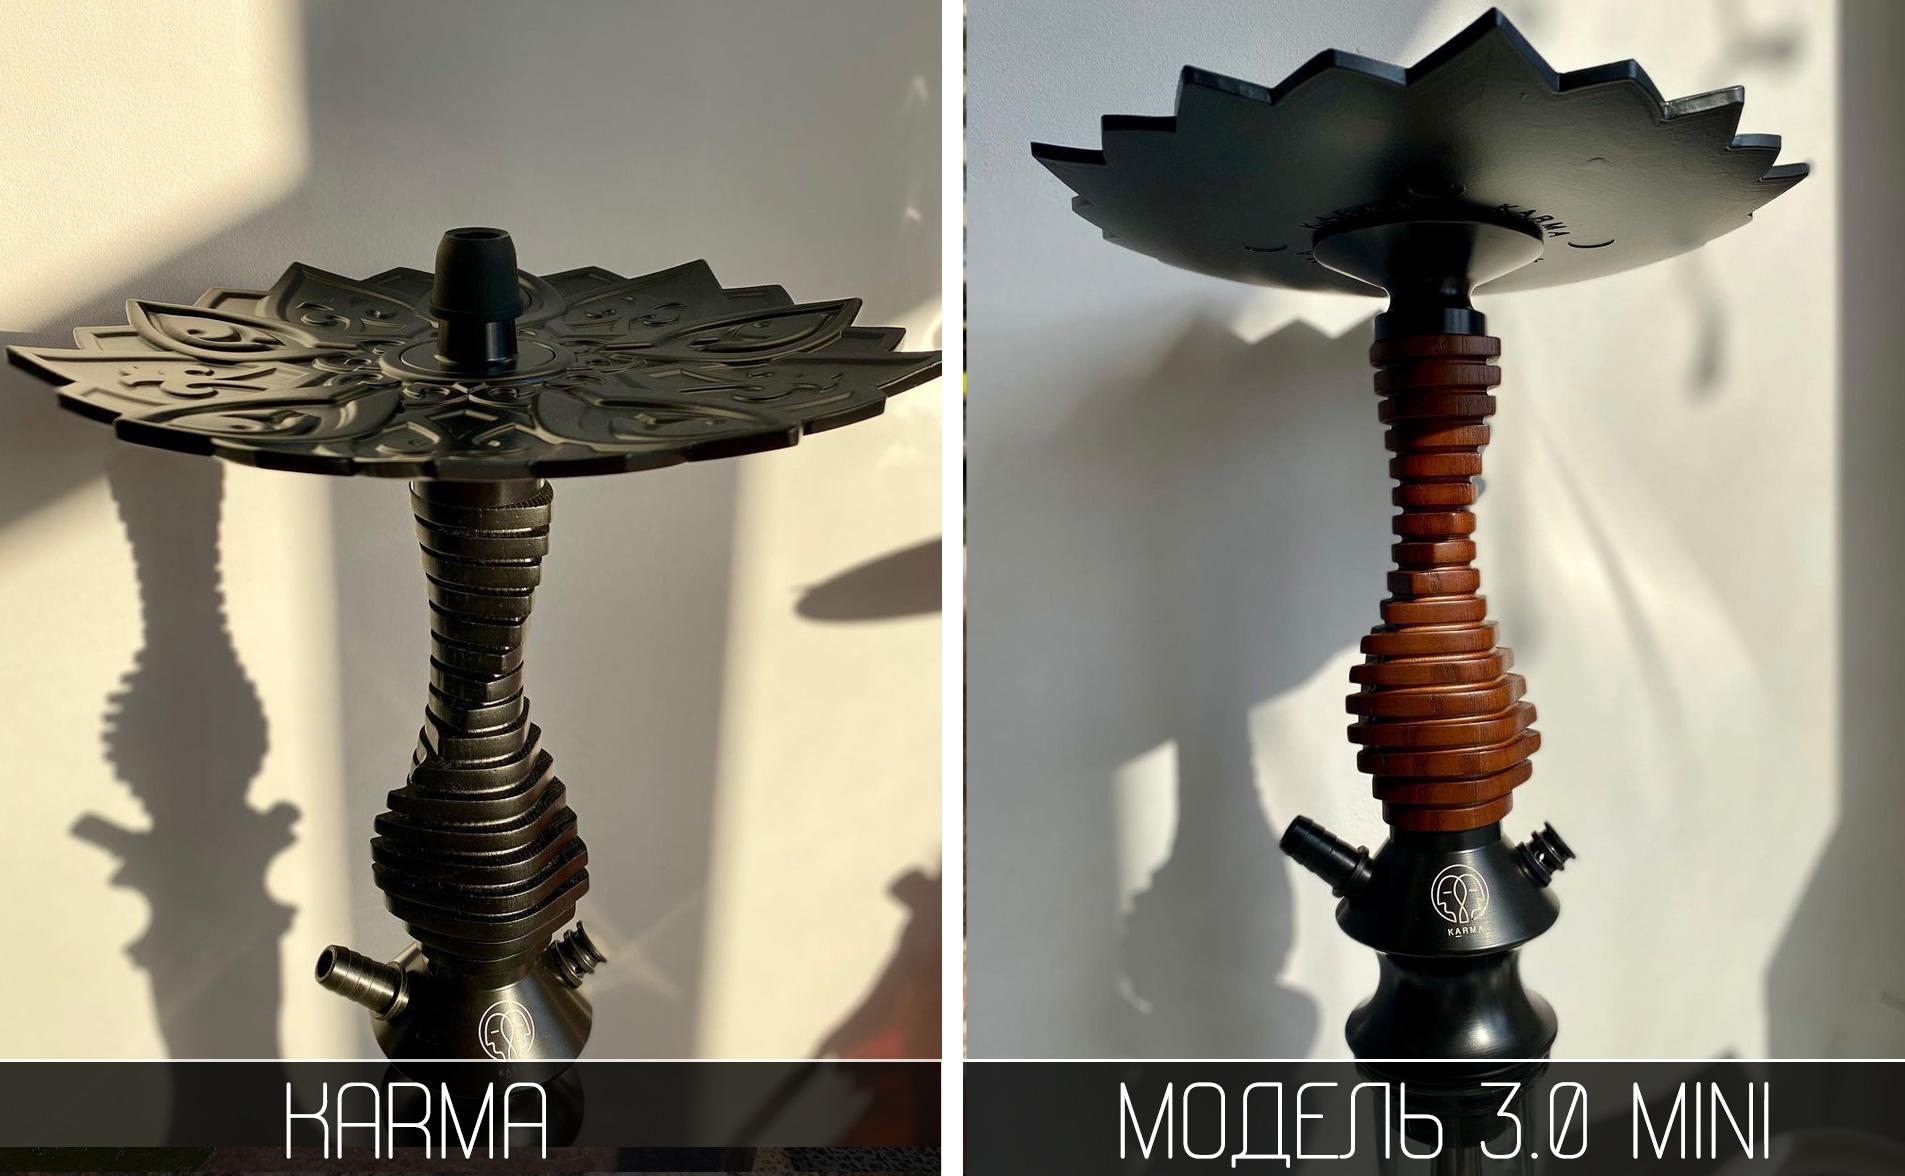 Шахта Karma Модель 3.0 Mini - фото 5 - Kalyanchik.ua